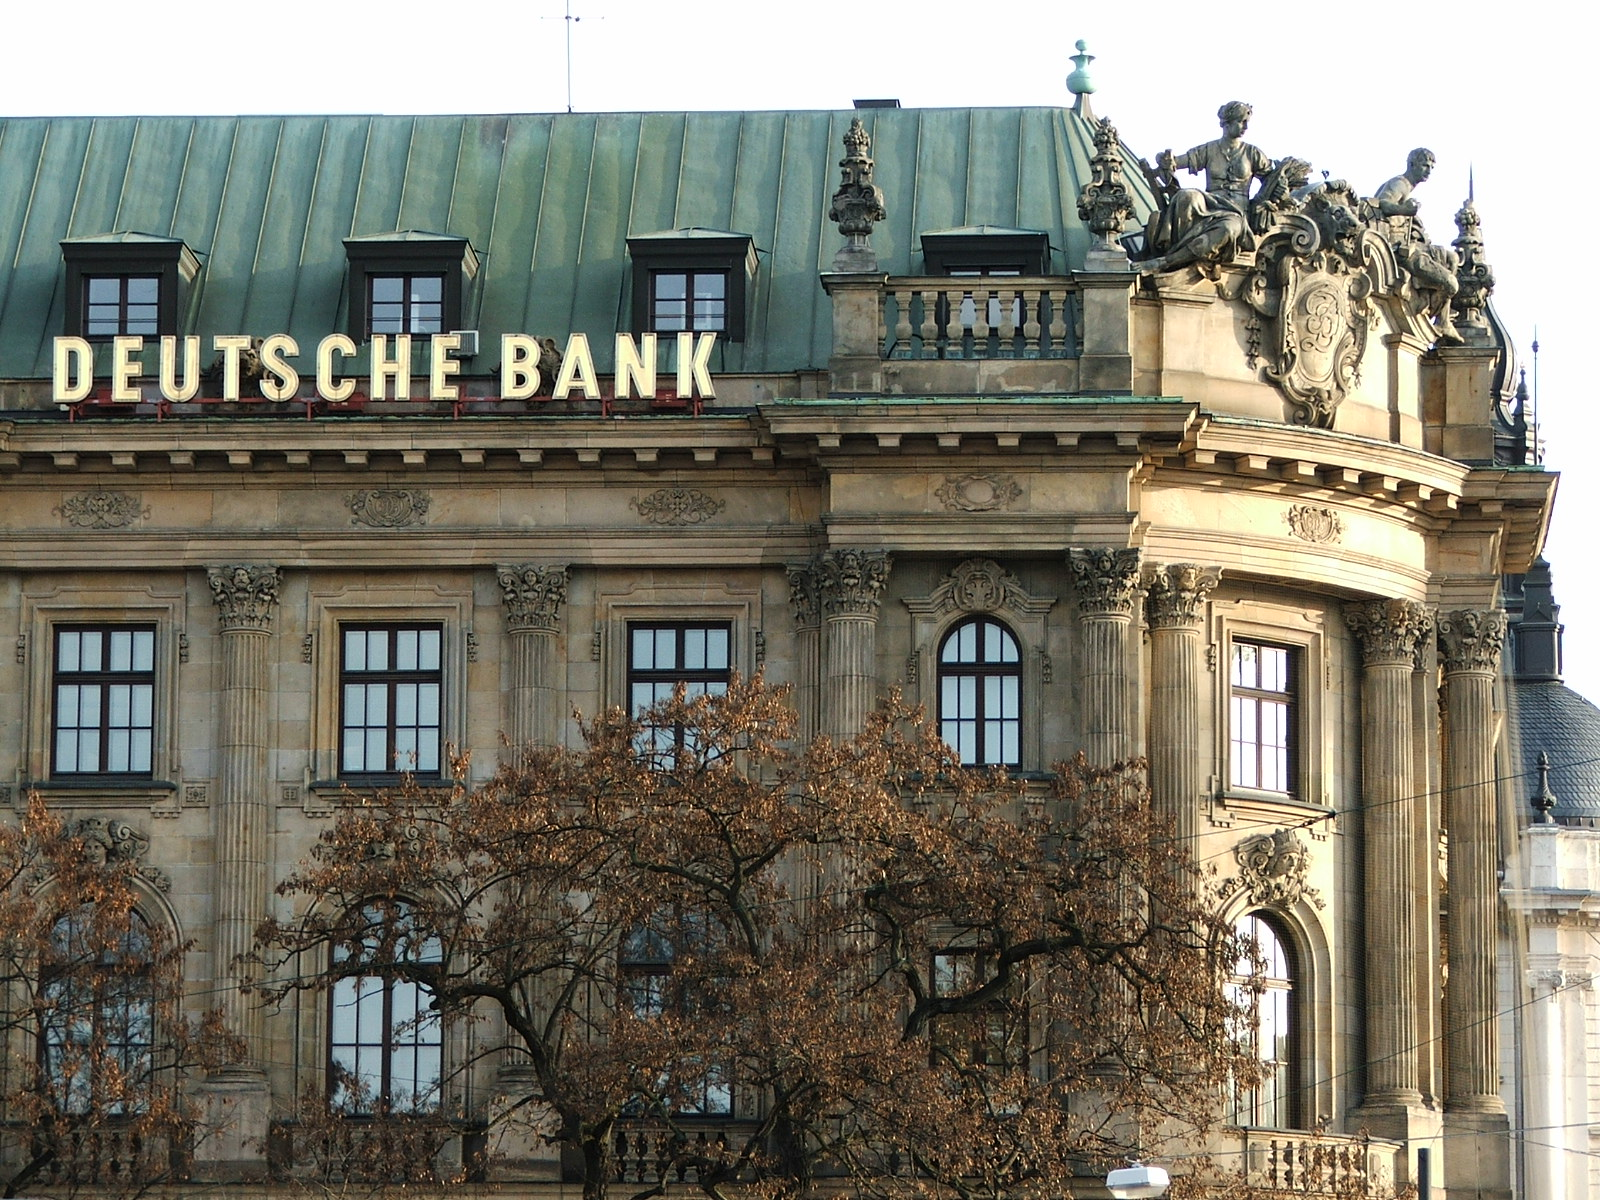 La piccola procura di Trani ha aperto un fascicolo di inchiesta a carico della Deutsche Bank di Francoforte